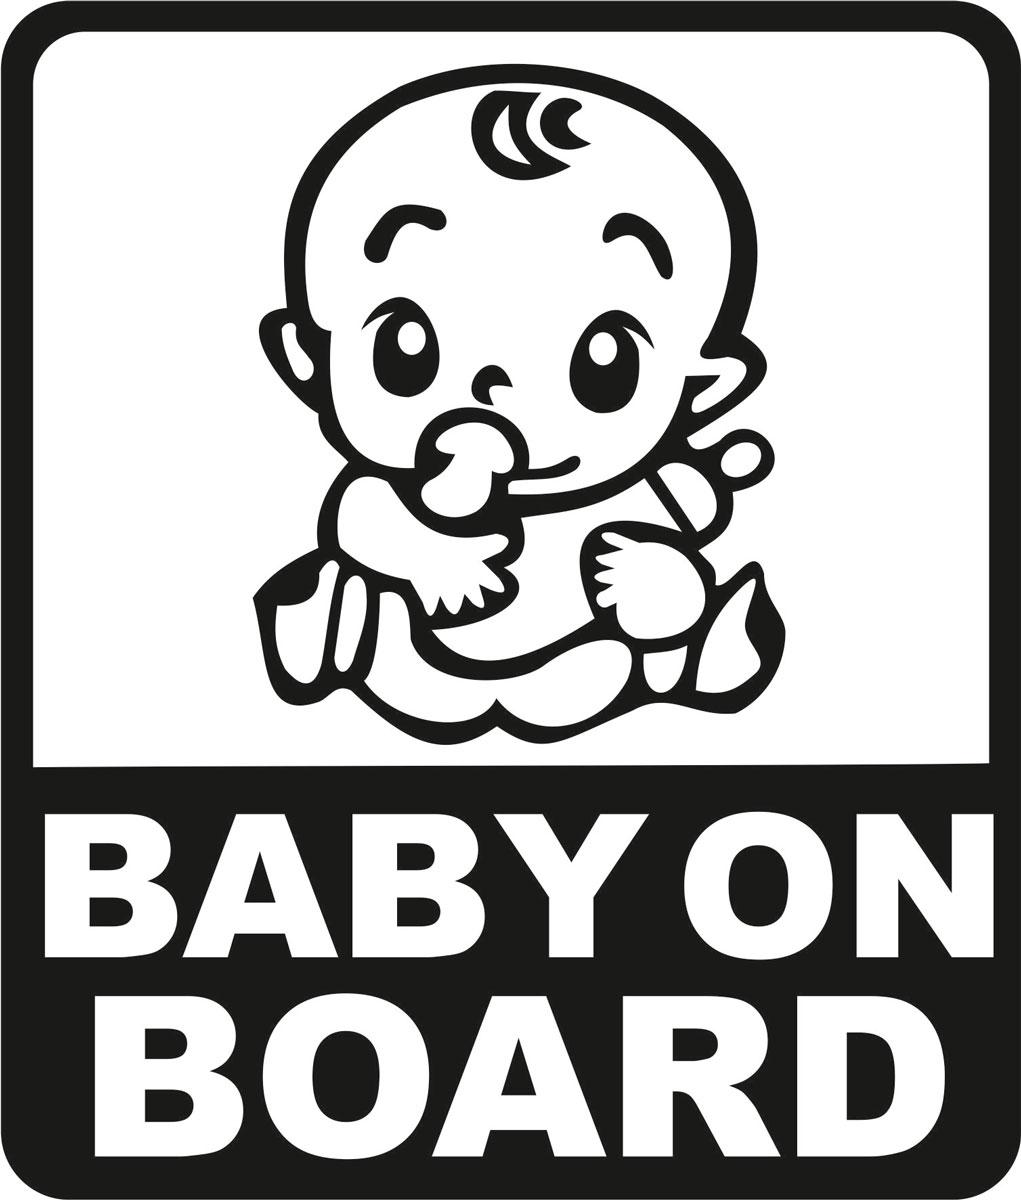 Наклейка автомобильная Оранжевый слоник Baby on Board. Квадрат 2, виниловая, цвет: черный150RM0006BОригинальная наклейка Оранжевый слоник Baby on Board. Квадрат 2 изготовлена из долговечного винила, который выполняет не только декоративную функцию, но и защищает кузов от небольших механических повреждений, либо скрывает уже существующие. Виниловые наклейки на авто - это не только красиво, но еще и быстро! Всего за несколько минут вы можете полностью преобразить свой автомобиль, сделать его ярким, необычным, особенным и неповторимым!